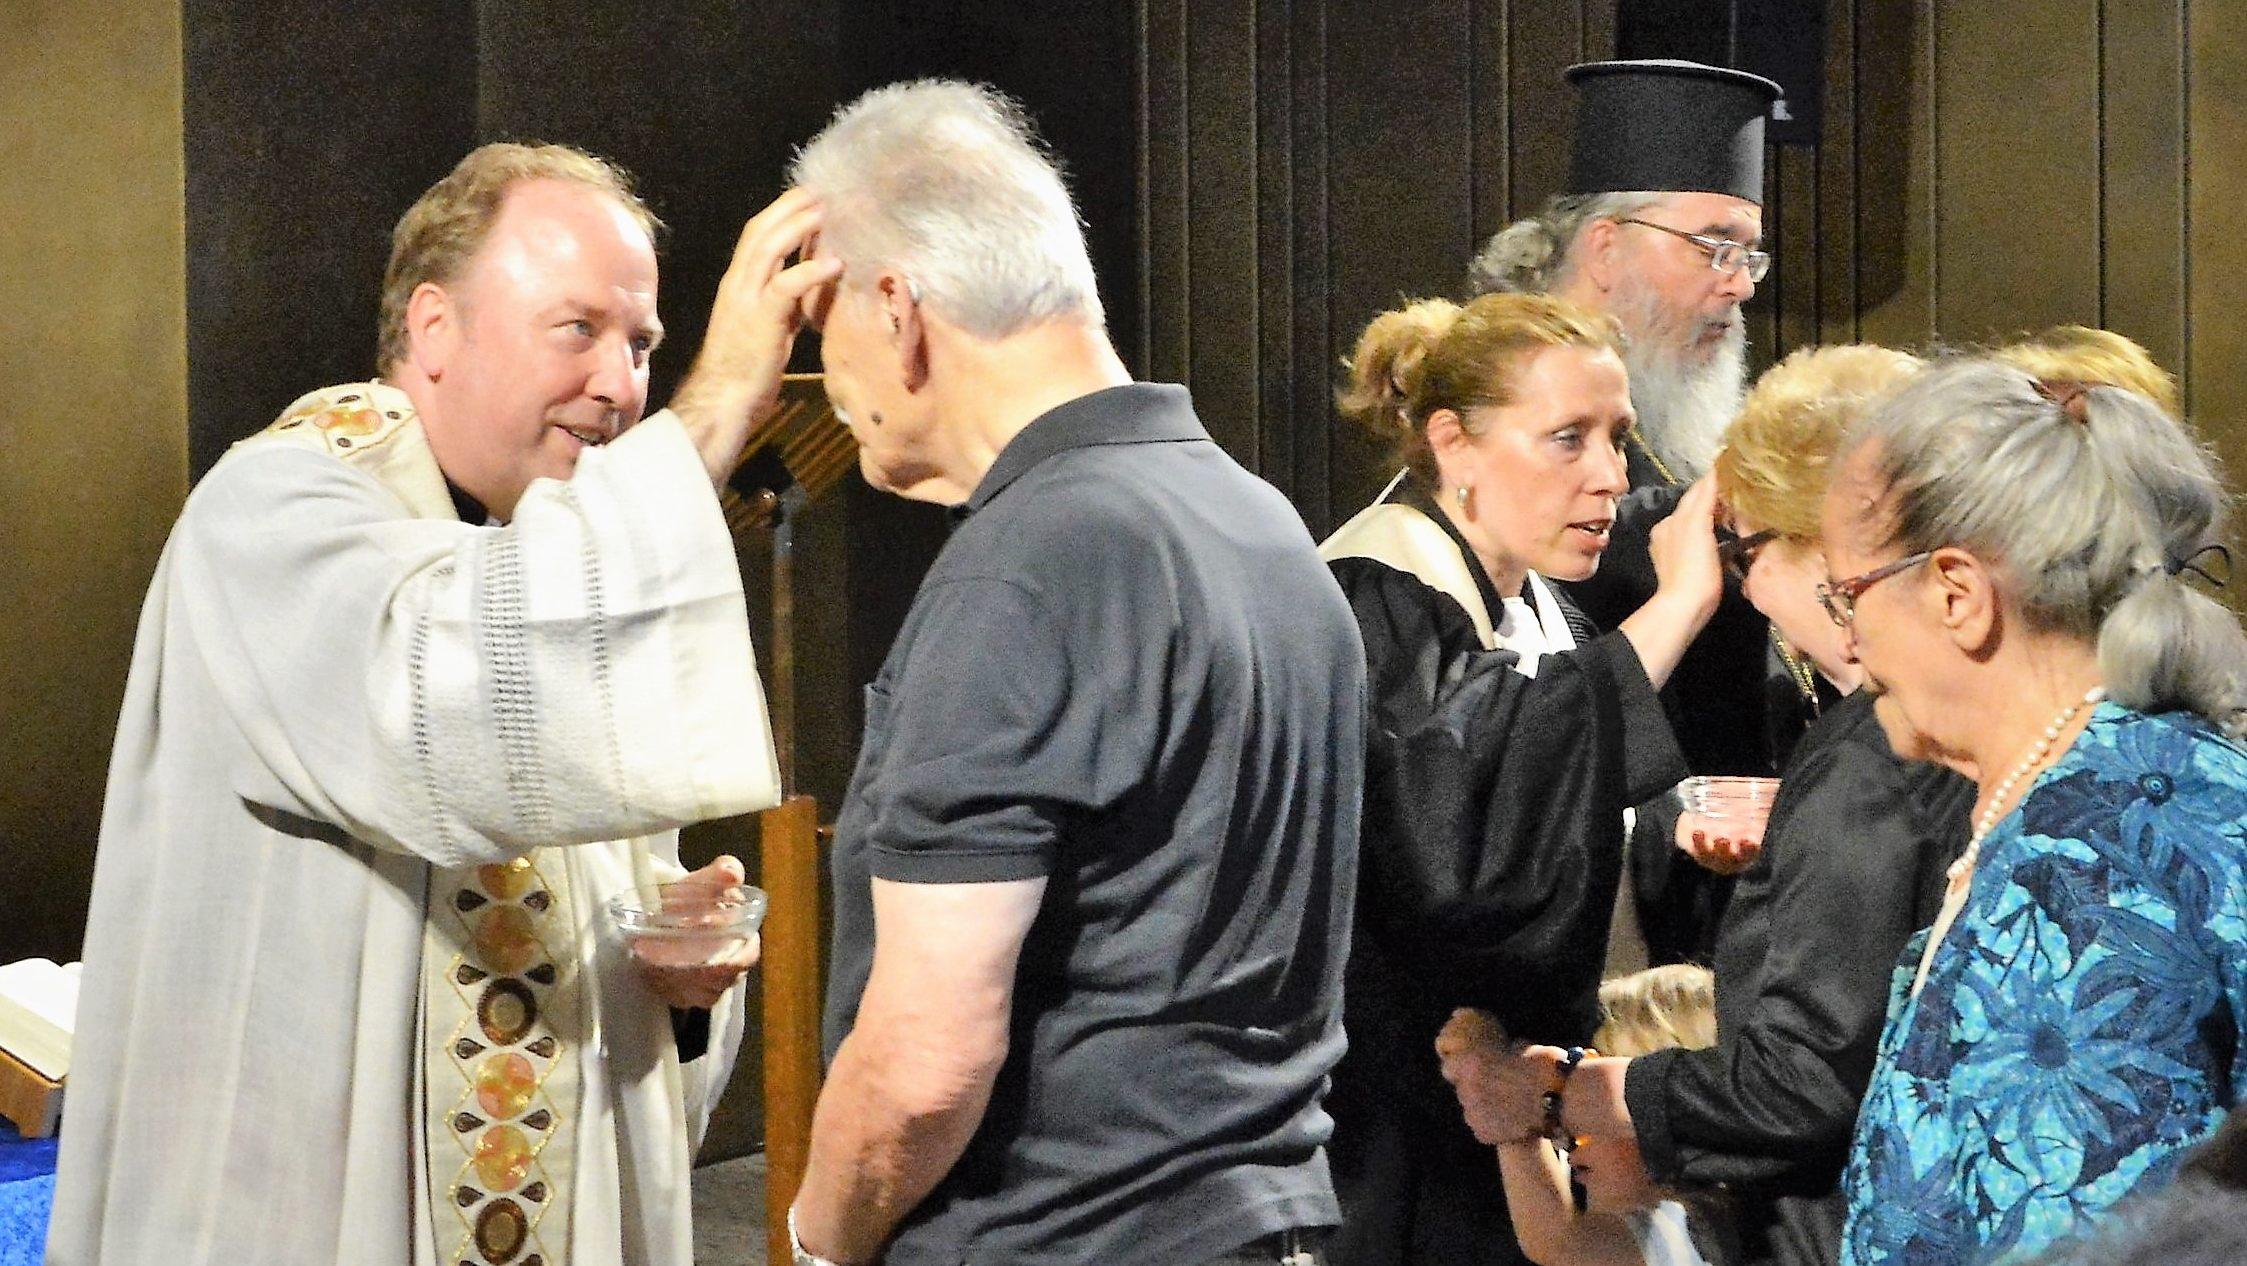 """""""Das ewige Leben beginnt immer genau jetzt"""" – Ökumenischer Tauferinnerungs-Gottesdienst der Arbeitsgemeinschaft Christlicher Kirchen im Baptisterium"""